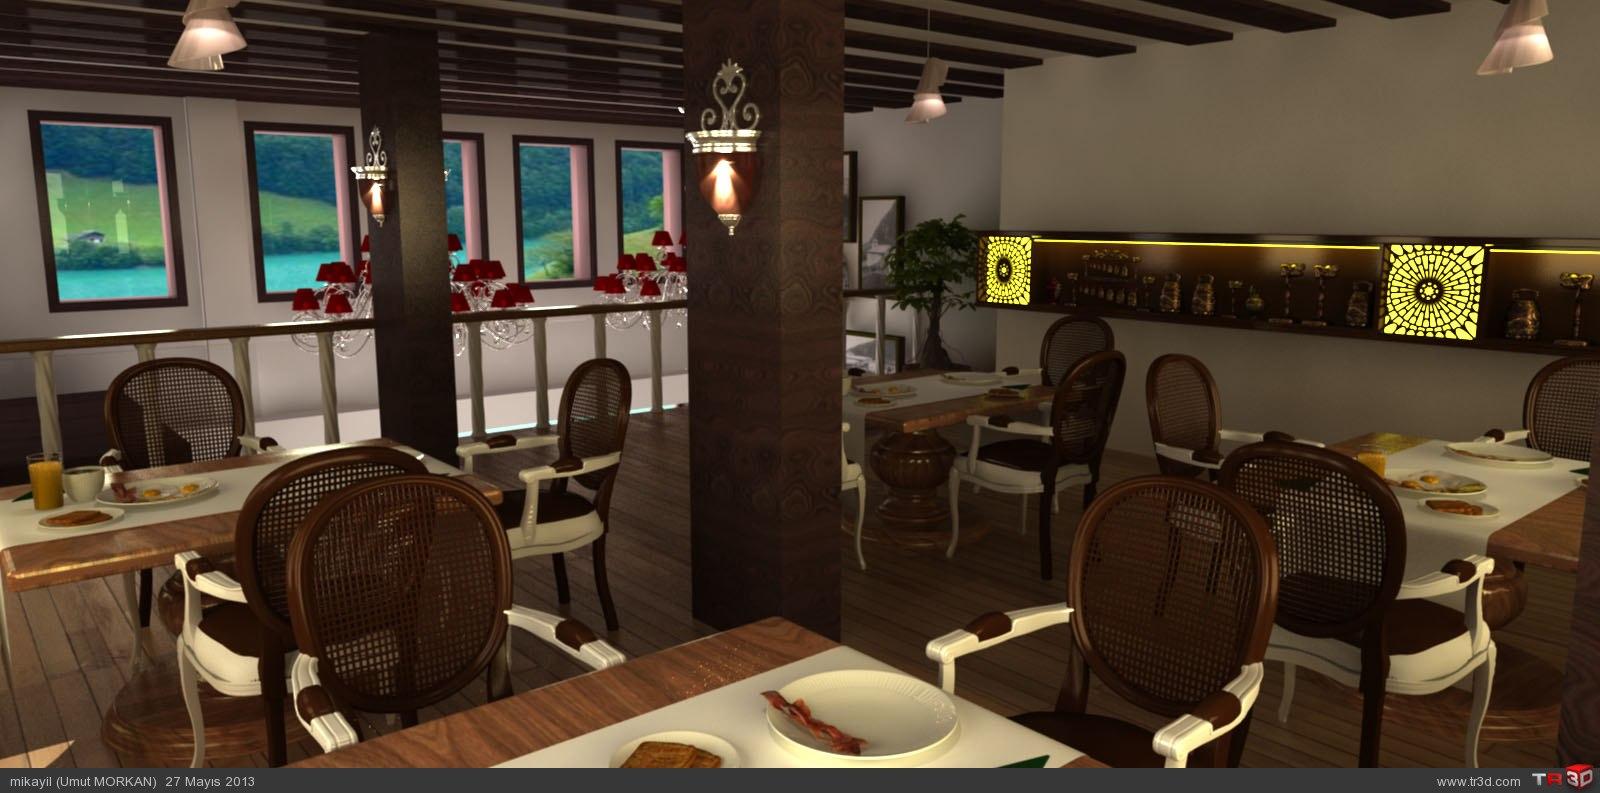 Restorant 5